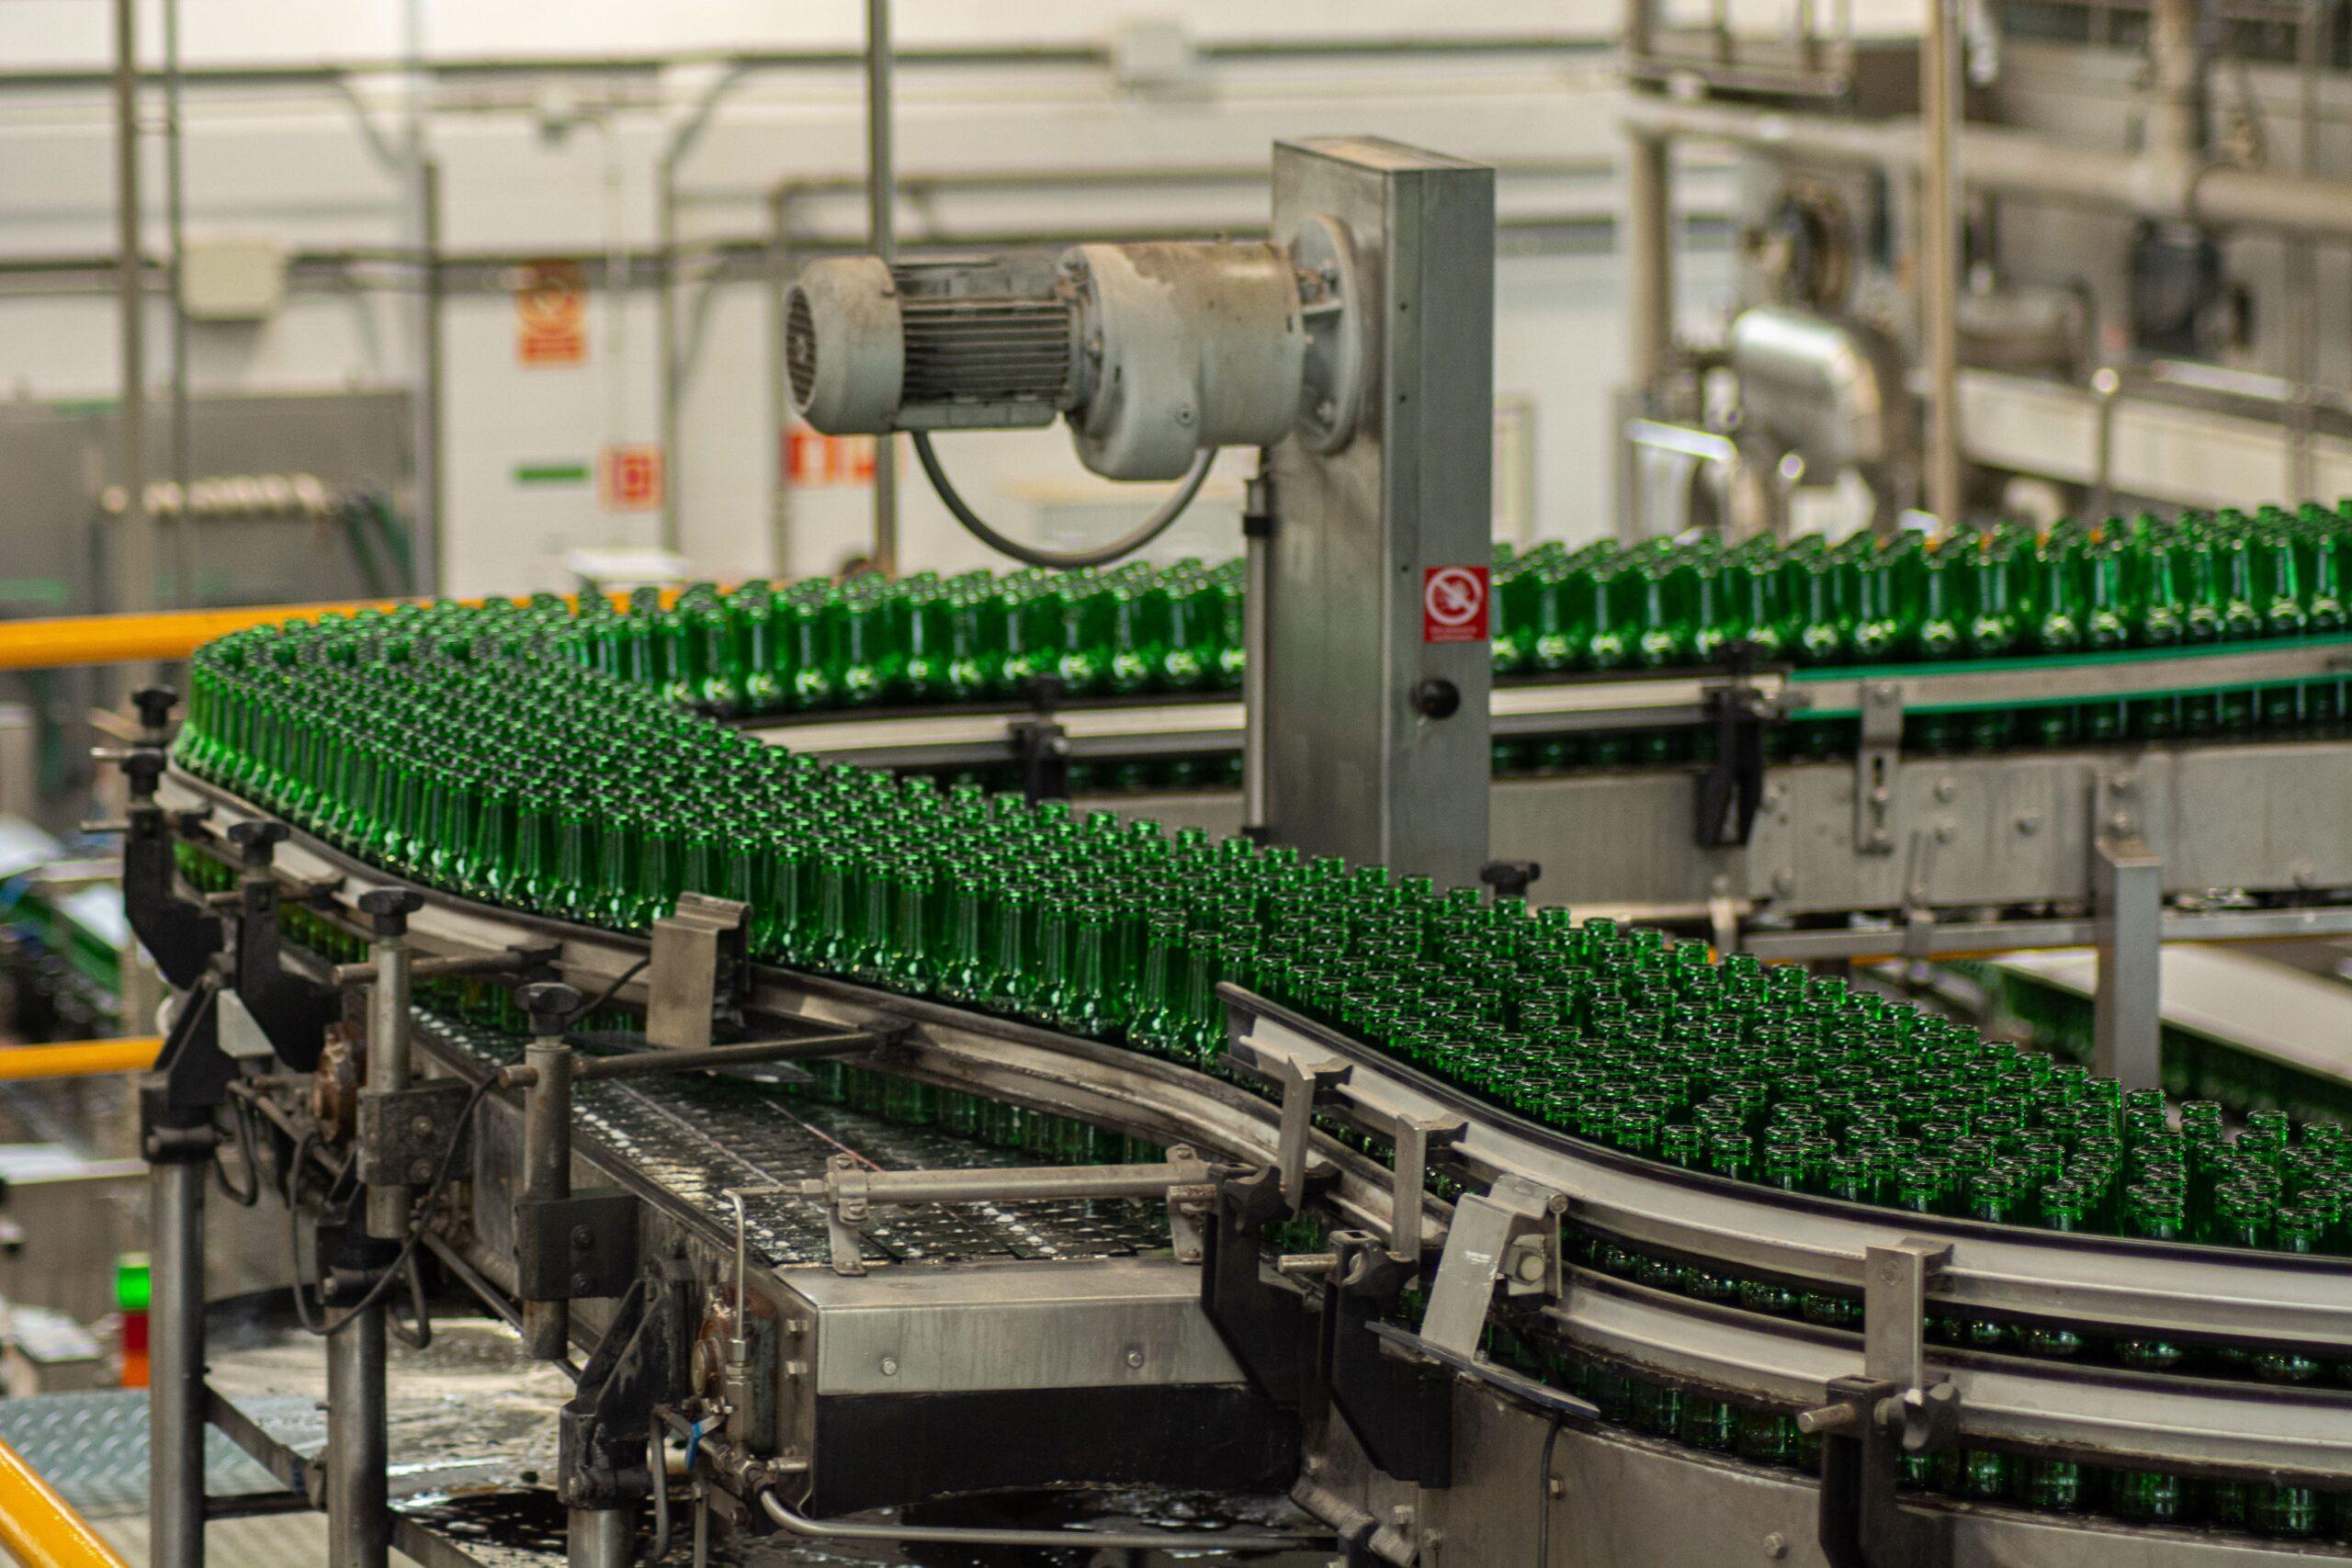 Compañía Cervecera incorpora mensajes para promover un consumo responsable en sus nuevas etiquetas